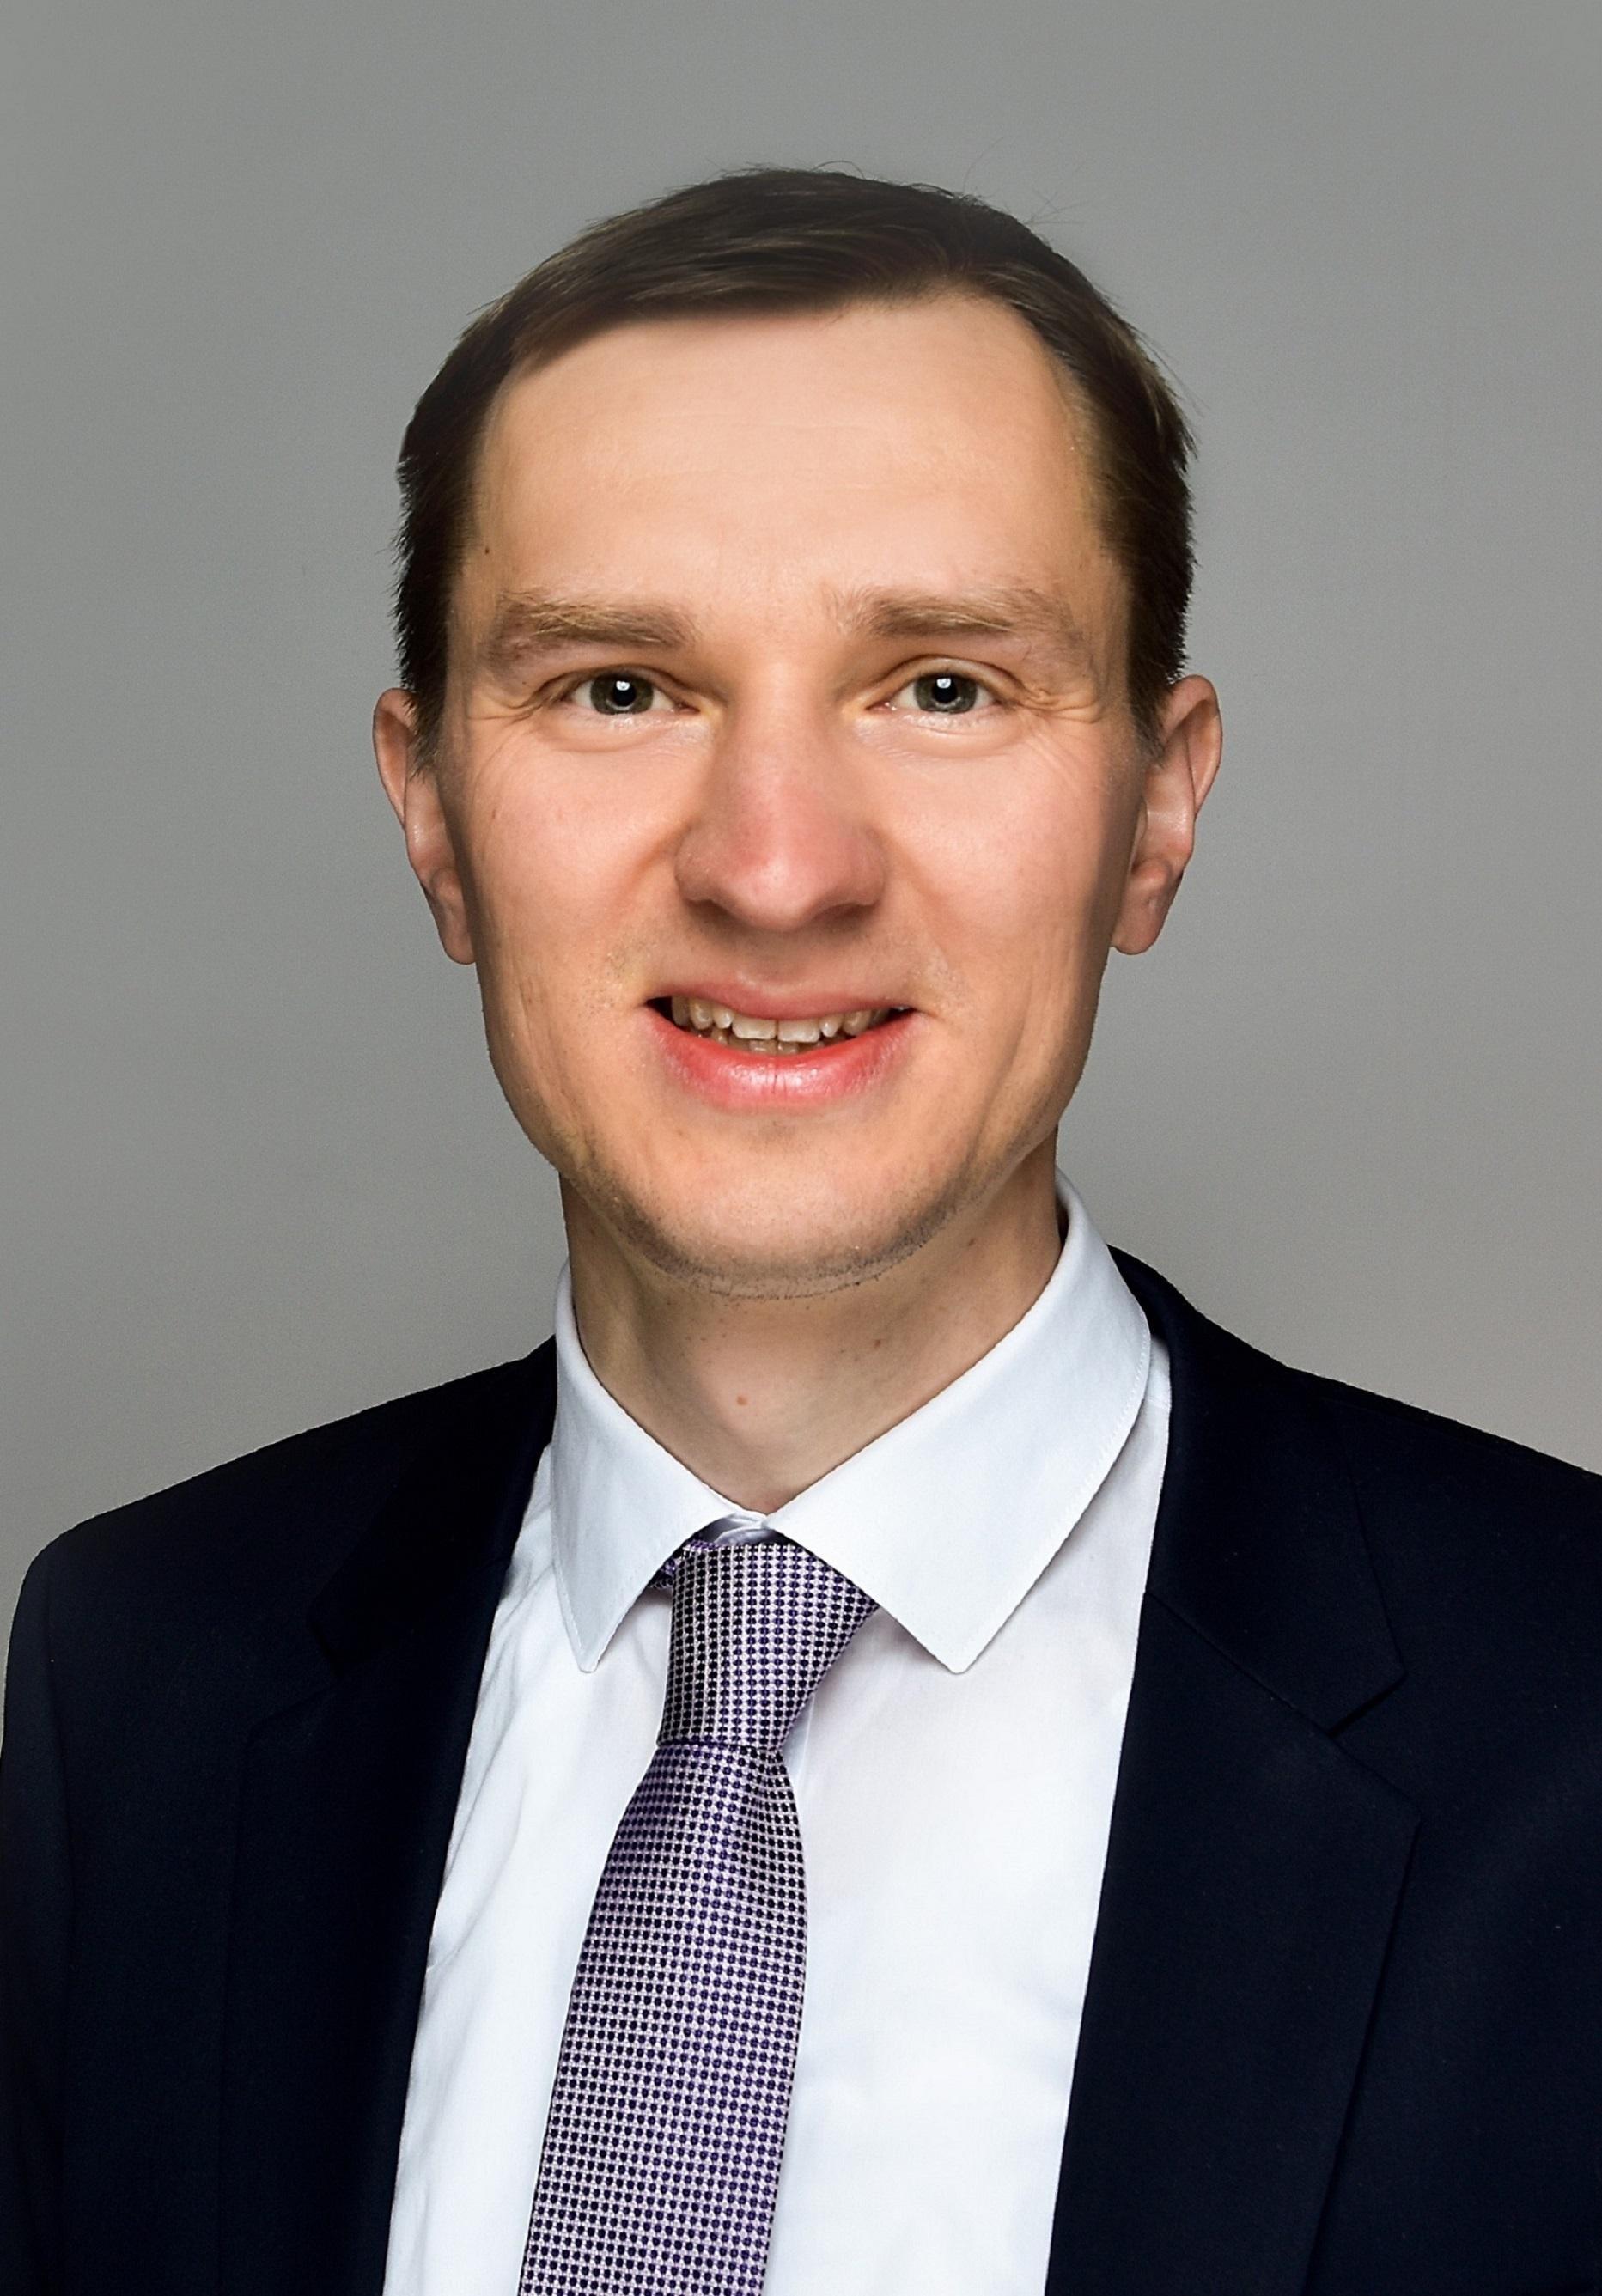 Witali Beichel